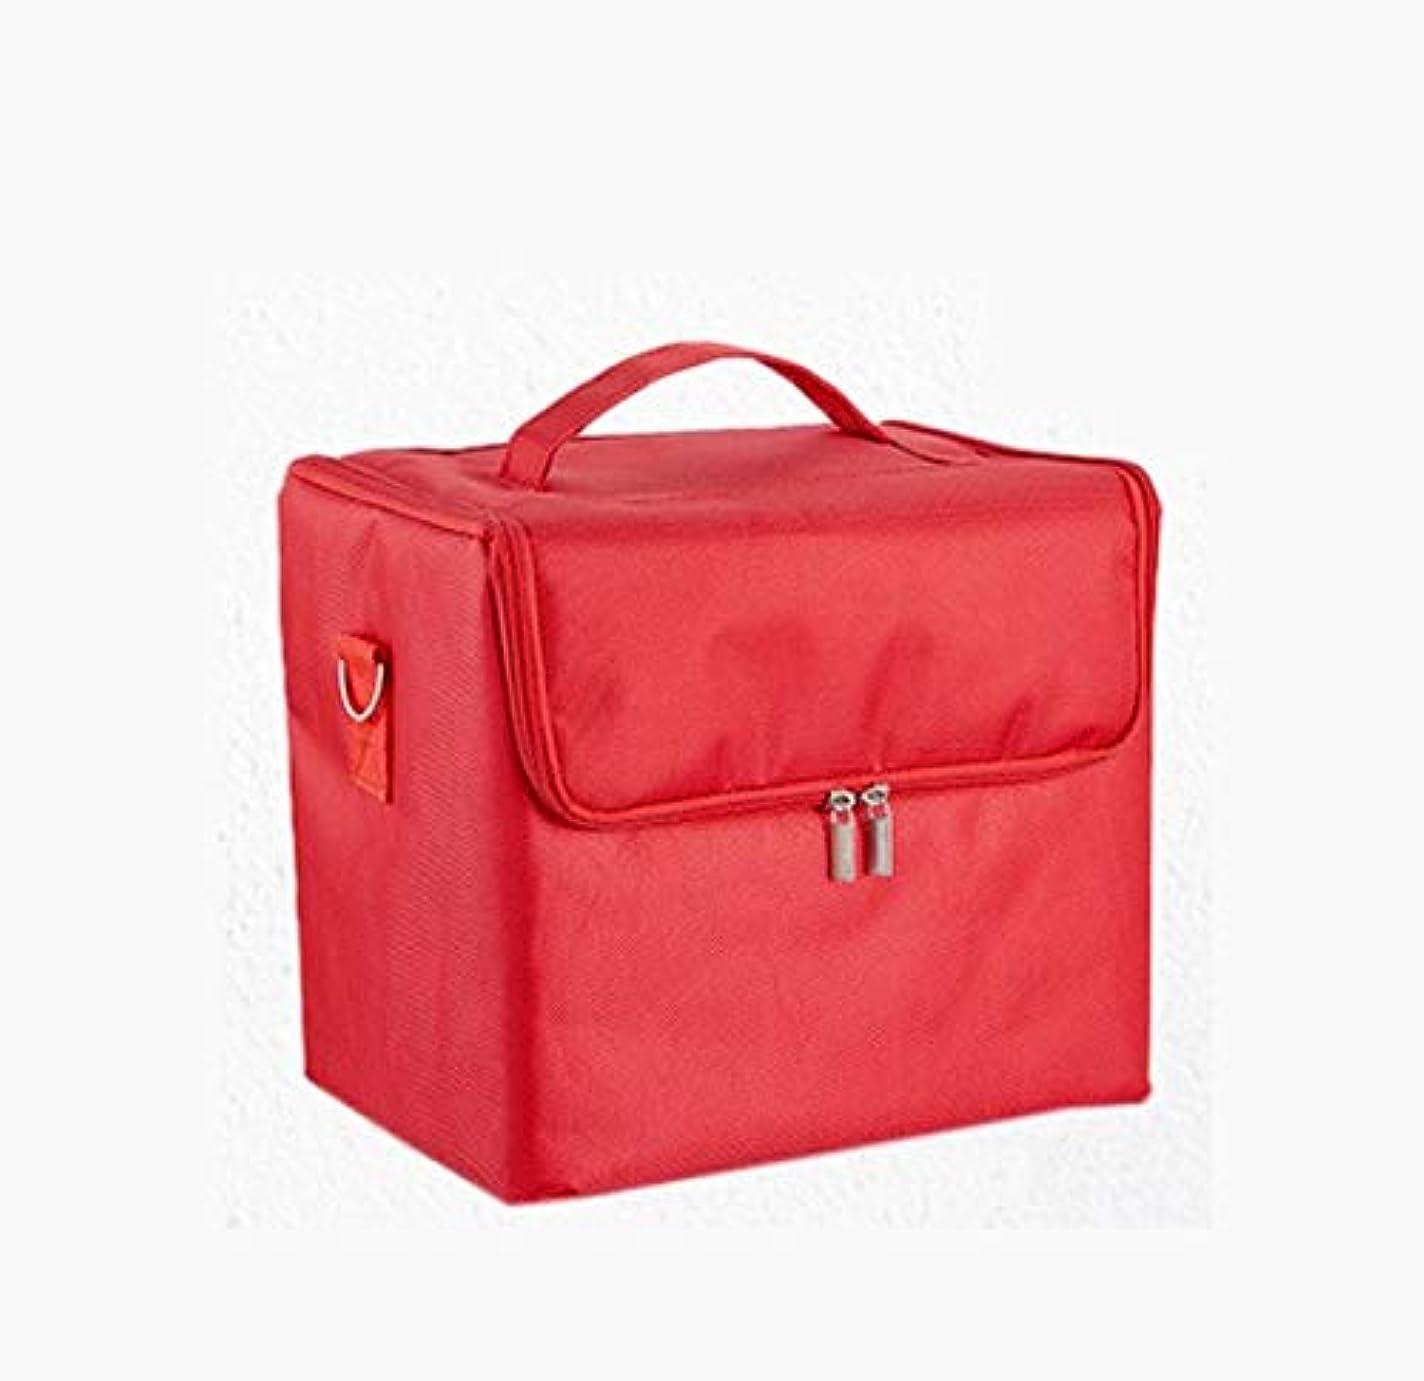 分類密輸保安化粧箱、大容量多機能防水化粧品ケース、携帯用旅行化粧品袋収納袋、美容化粧ネイルジュエリー収納箱 (Color : Red)